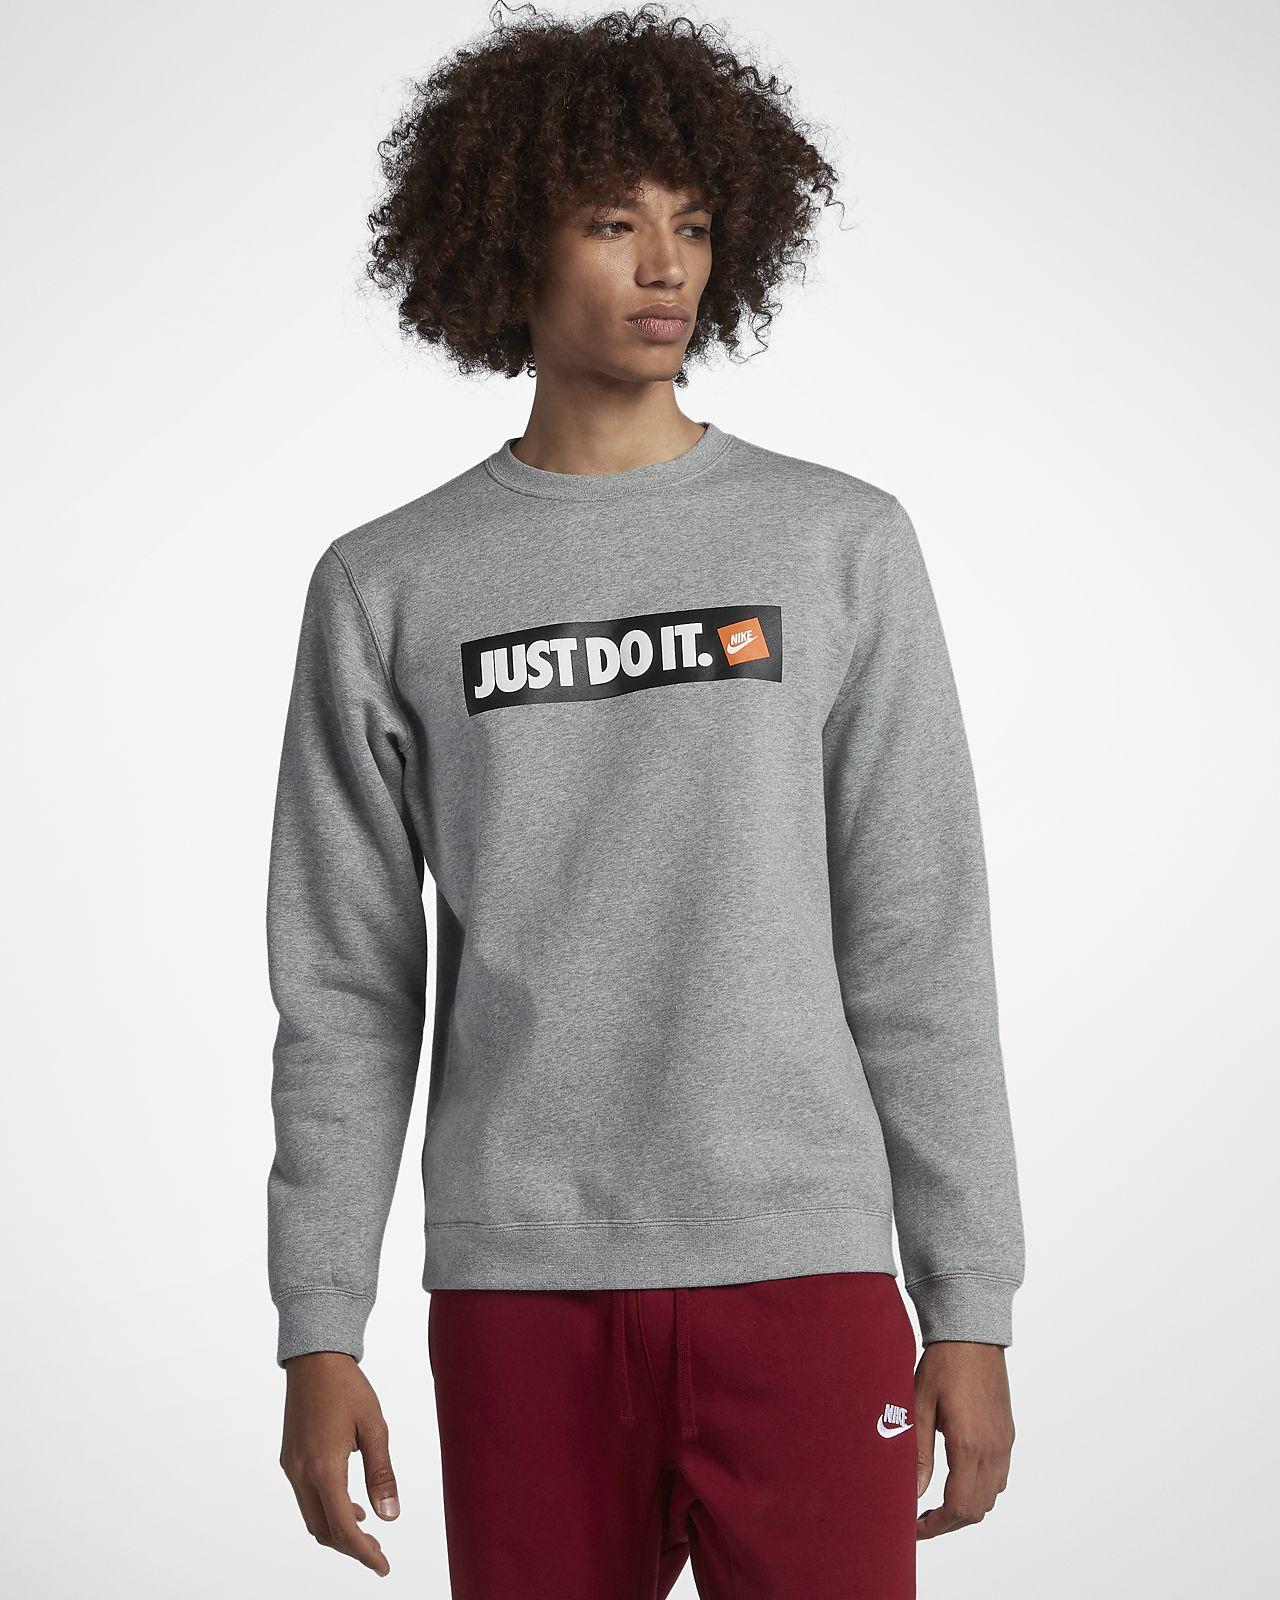 Nike Sportswear 男款 Fleece 圓領上衣